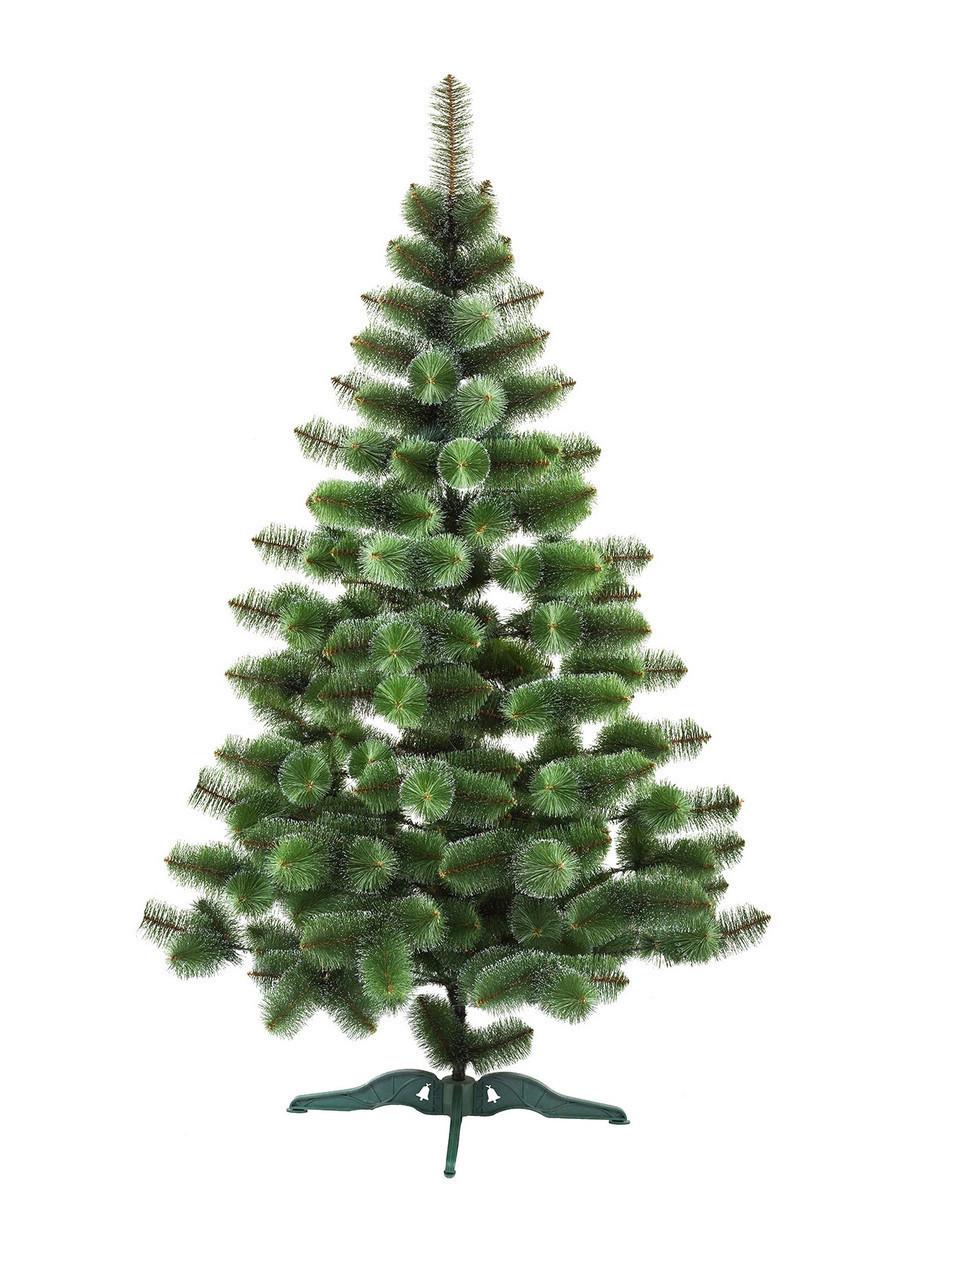 Сосна искусственная Bonita 1.5 м Новогодняя зеленая с белыми кончиками СШ-БК-1,50